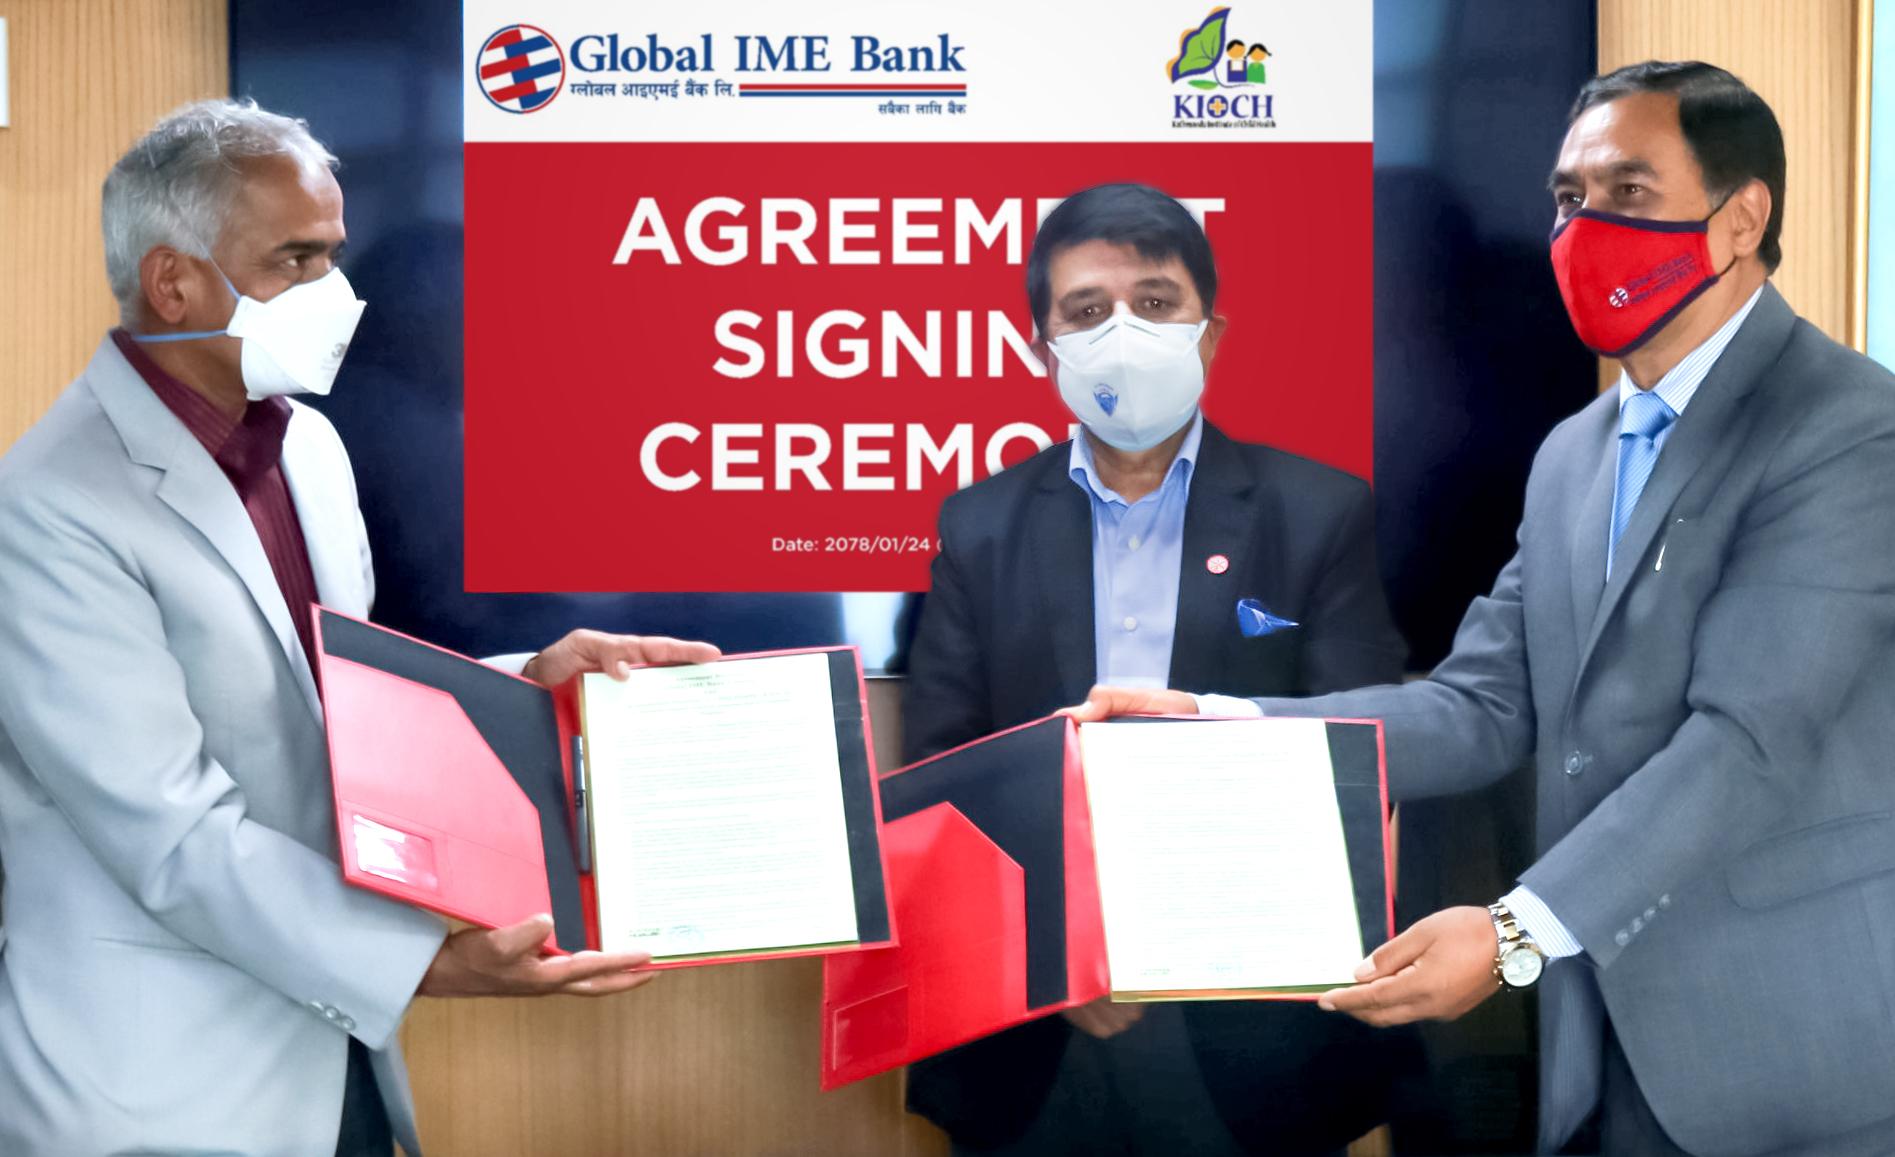 काठमाडौंमा बाल अस्पताल निर्माणका लागि ग्लोबल आइएमइ बैंकको एक करोड सहयोग